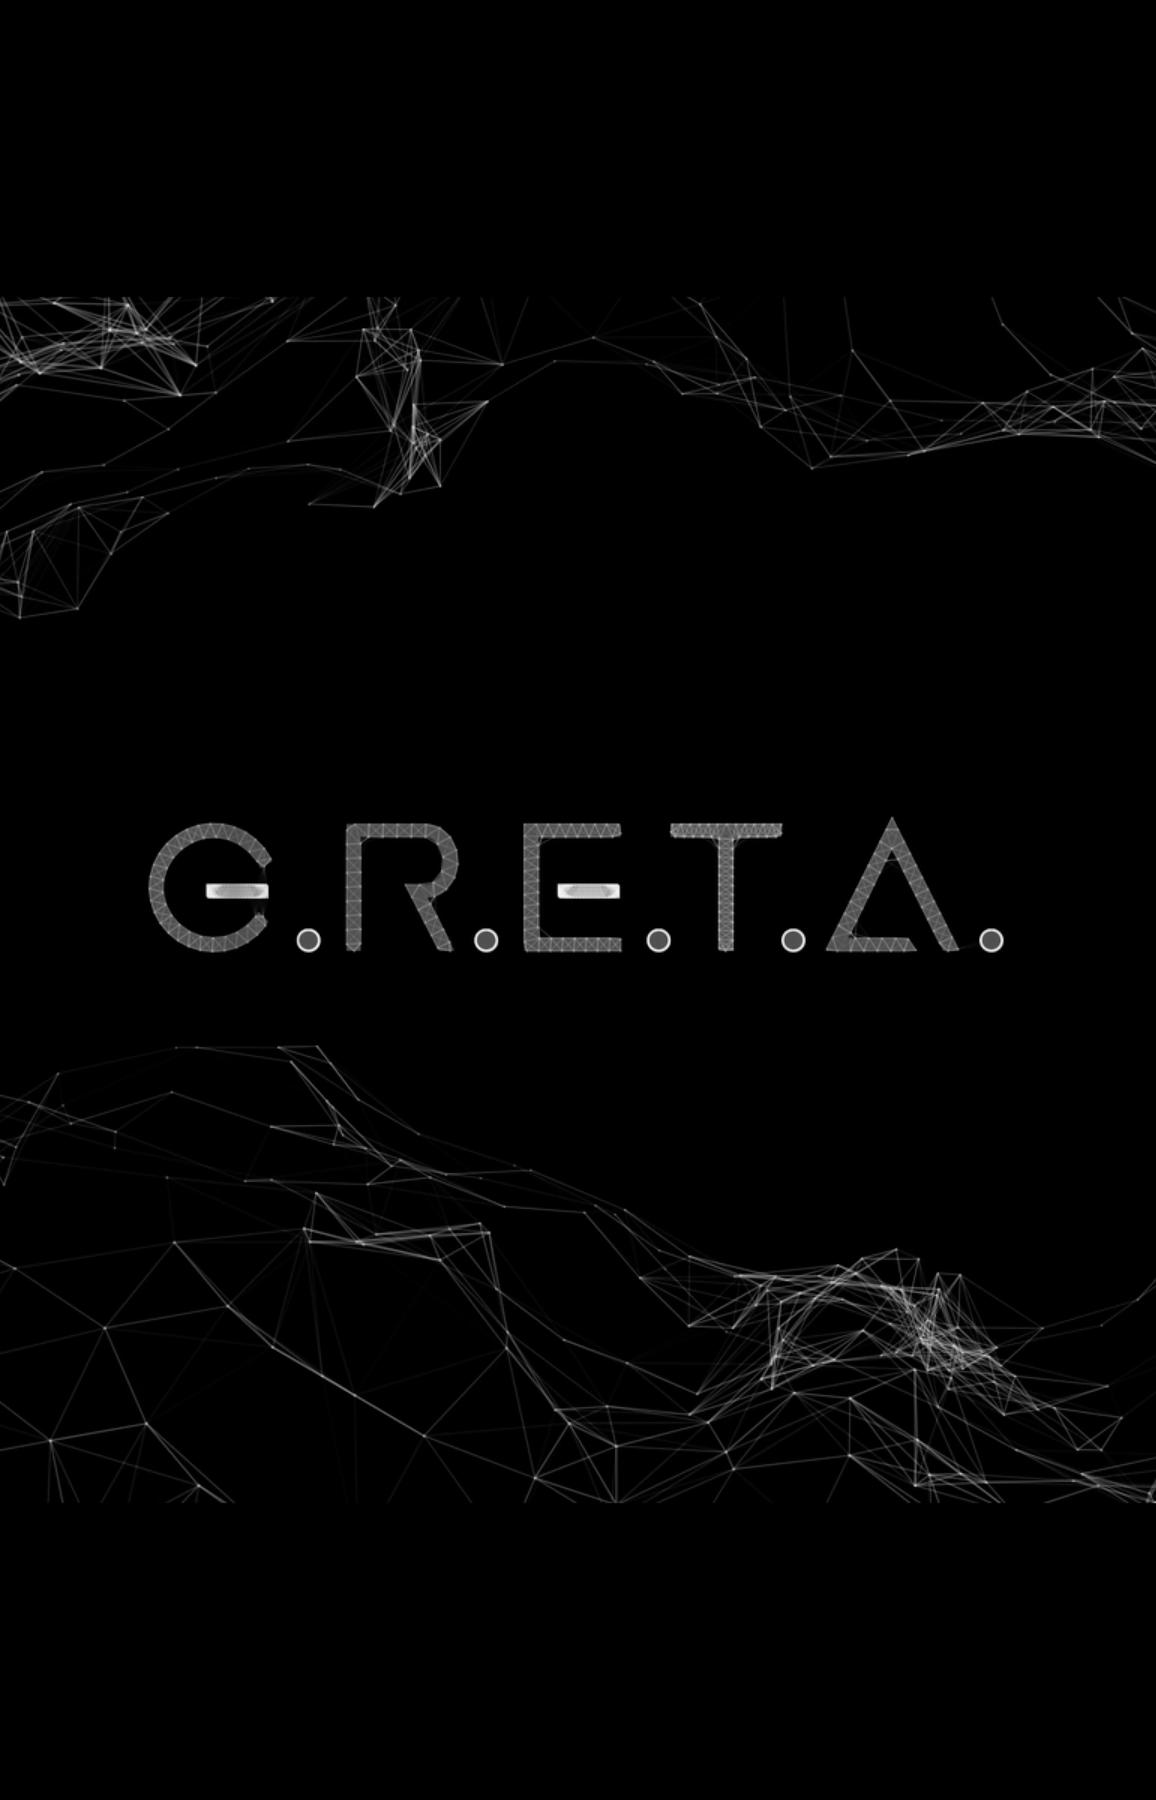 G.R.E.T.A.